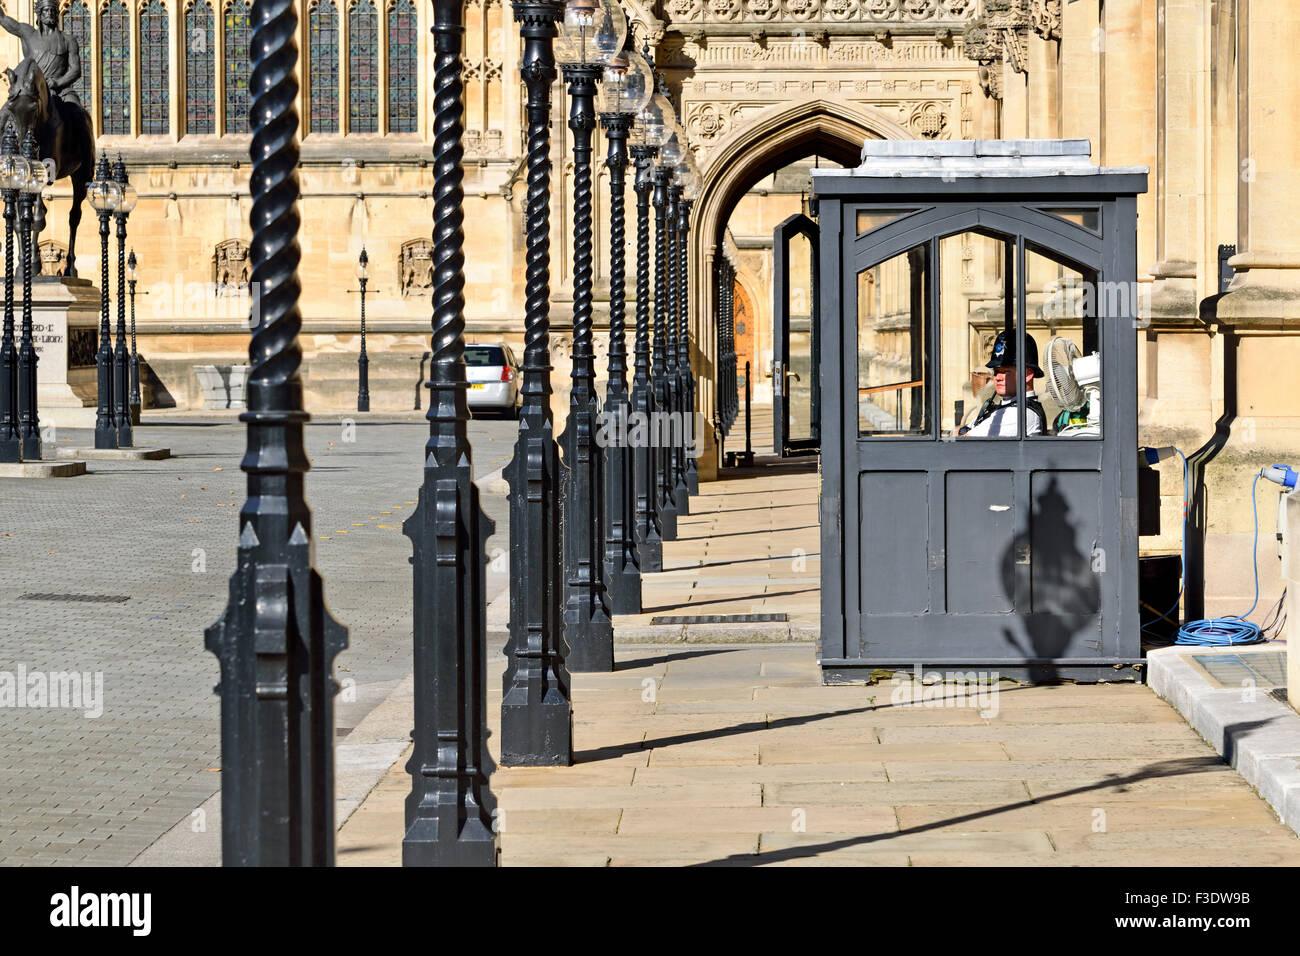 Londra, Inghilterra, Regno Unito. Houses of Parliament, Westminster. Funzionario di polizia in uno stand nel parco Immagini Stock